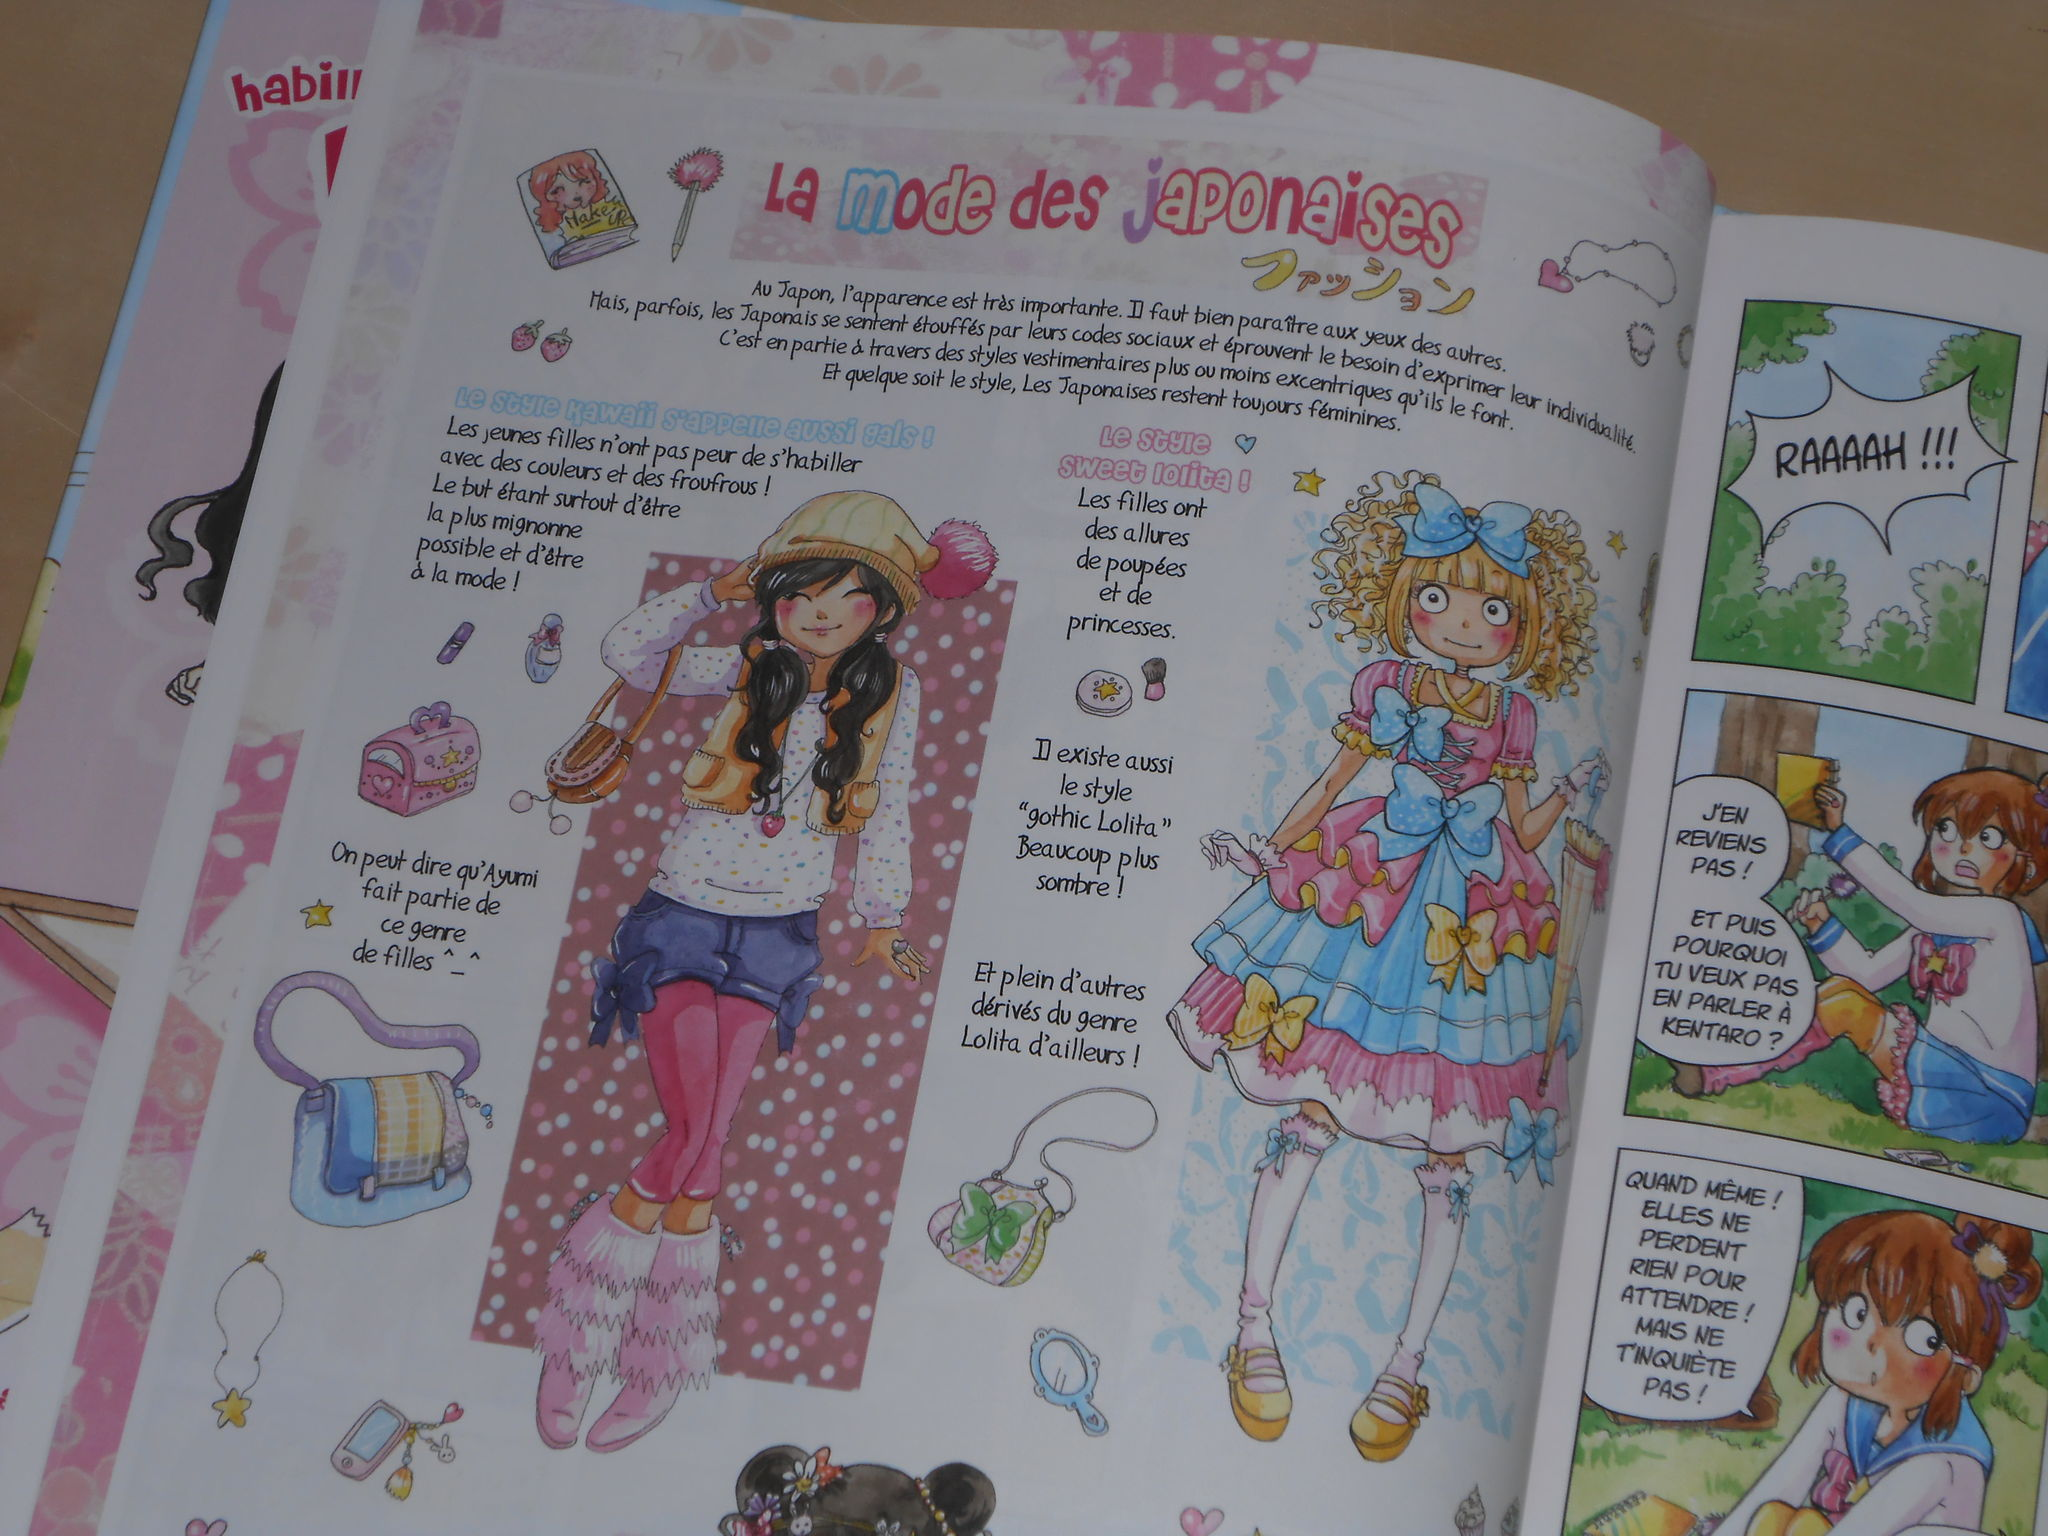 japon style vestimentaire